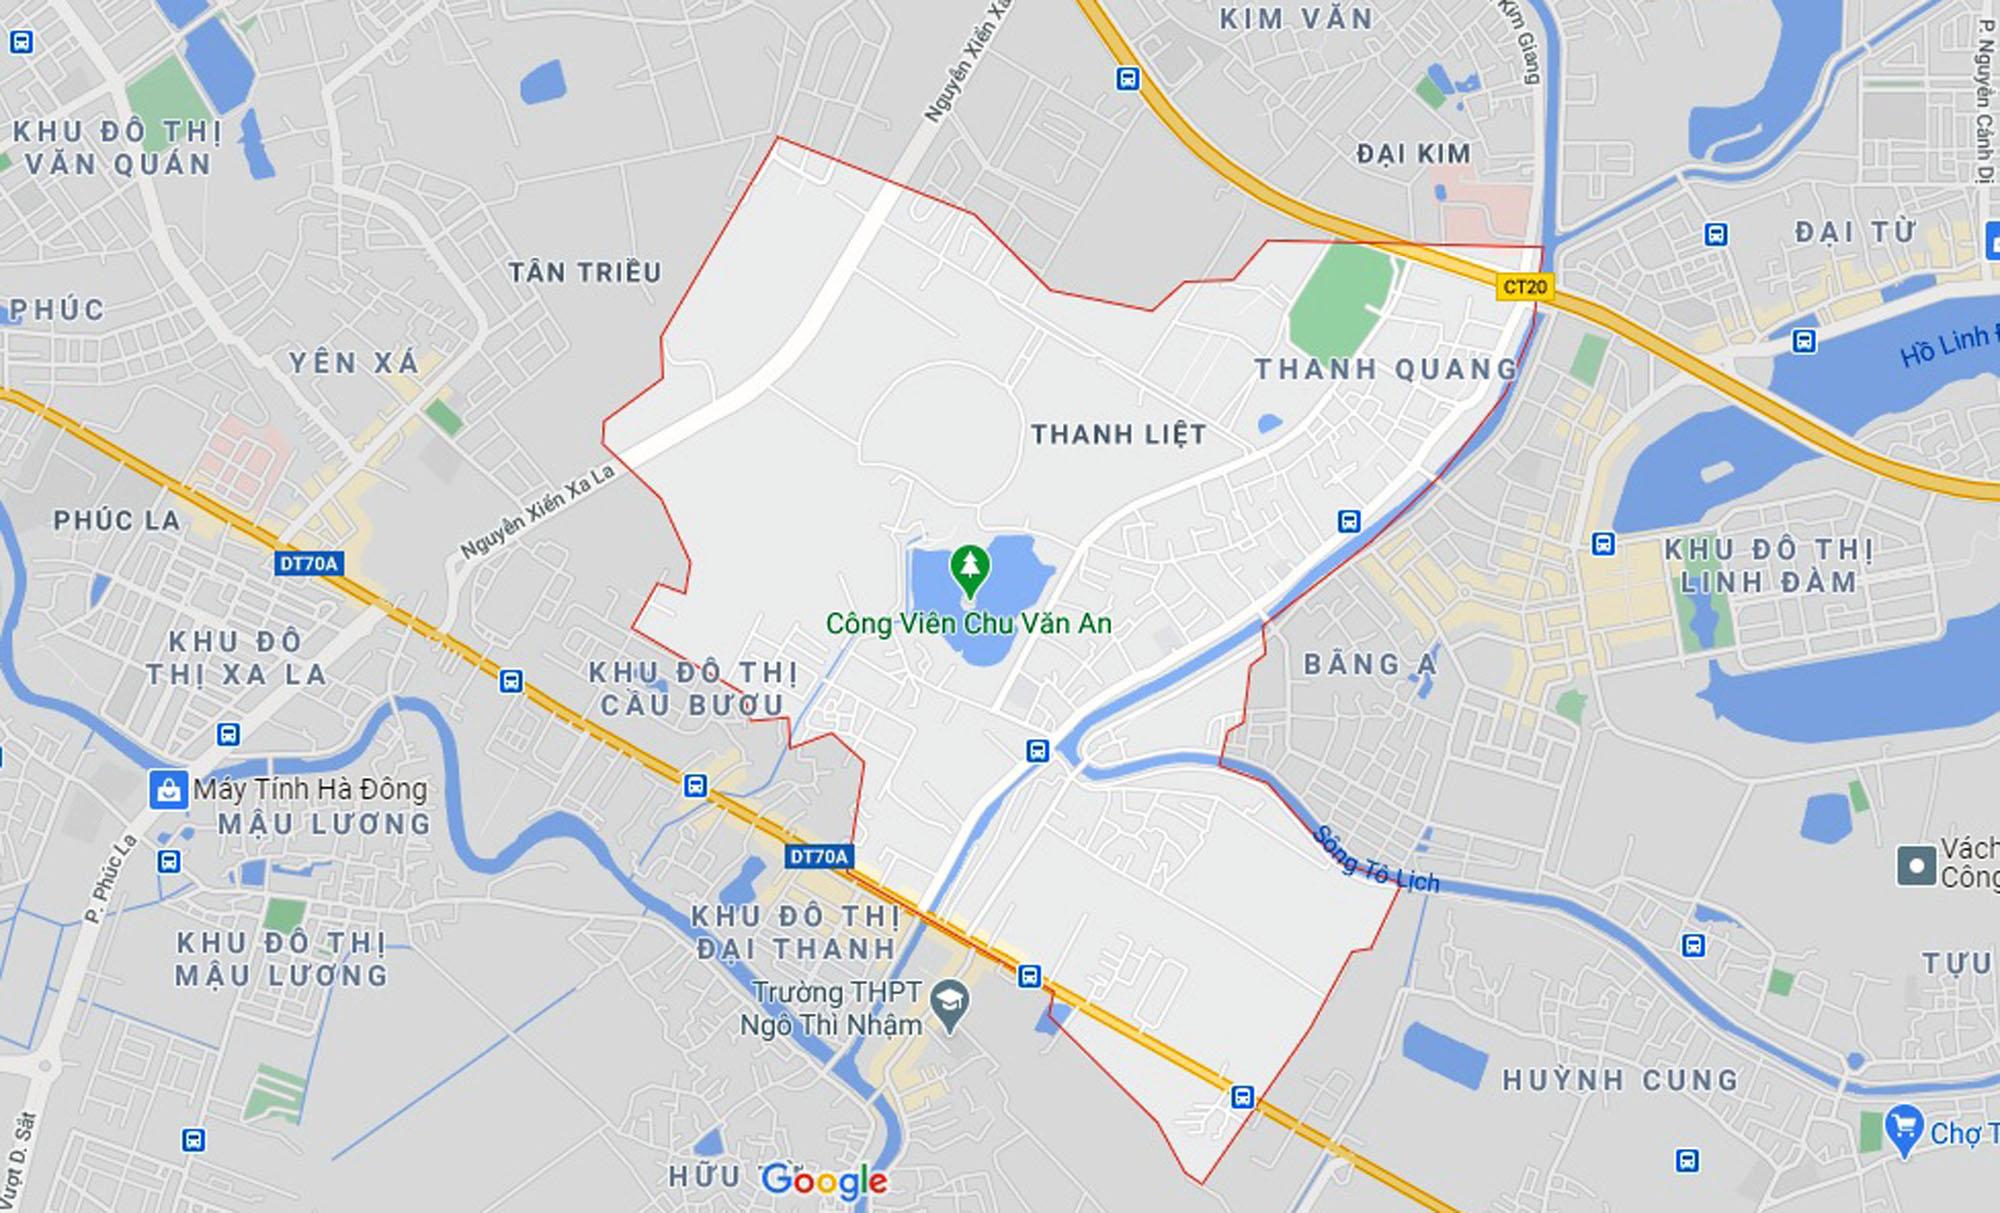 Ba đường sẽ mở theo qui hoạch ở xã Thanh Liệt, Thanh Trì, Hà Nội - Ảnh 1.